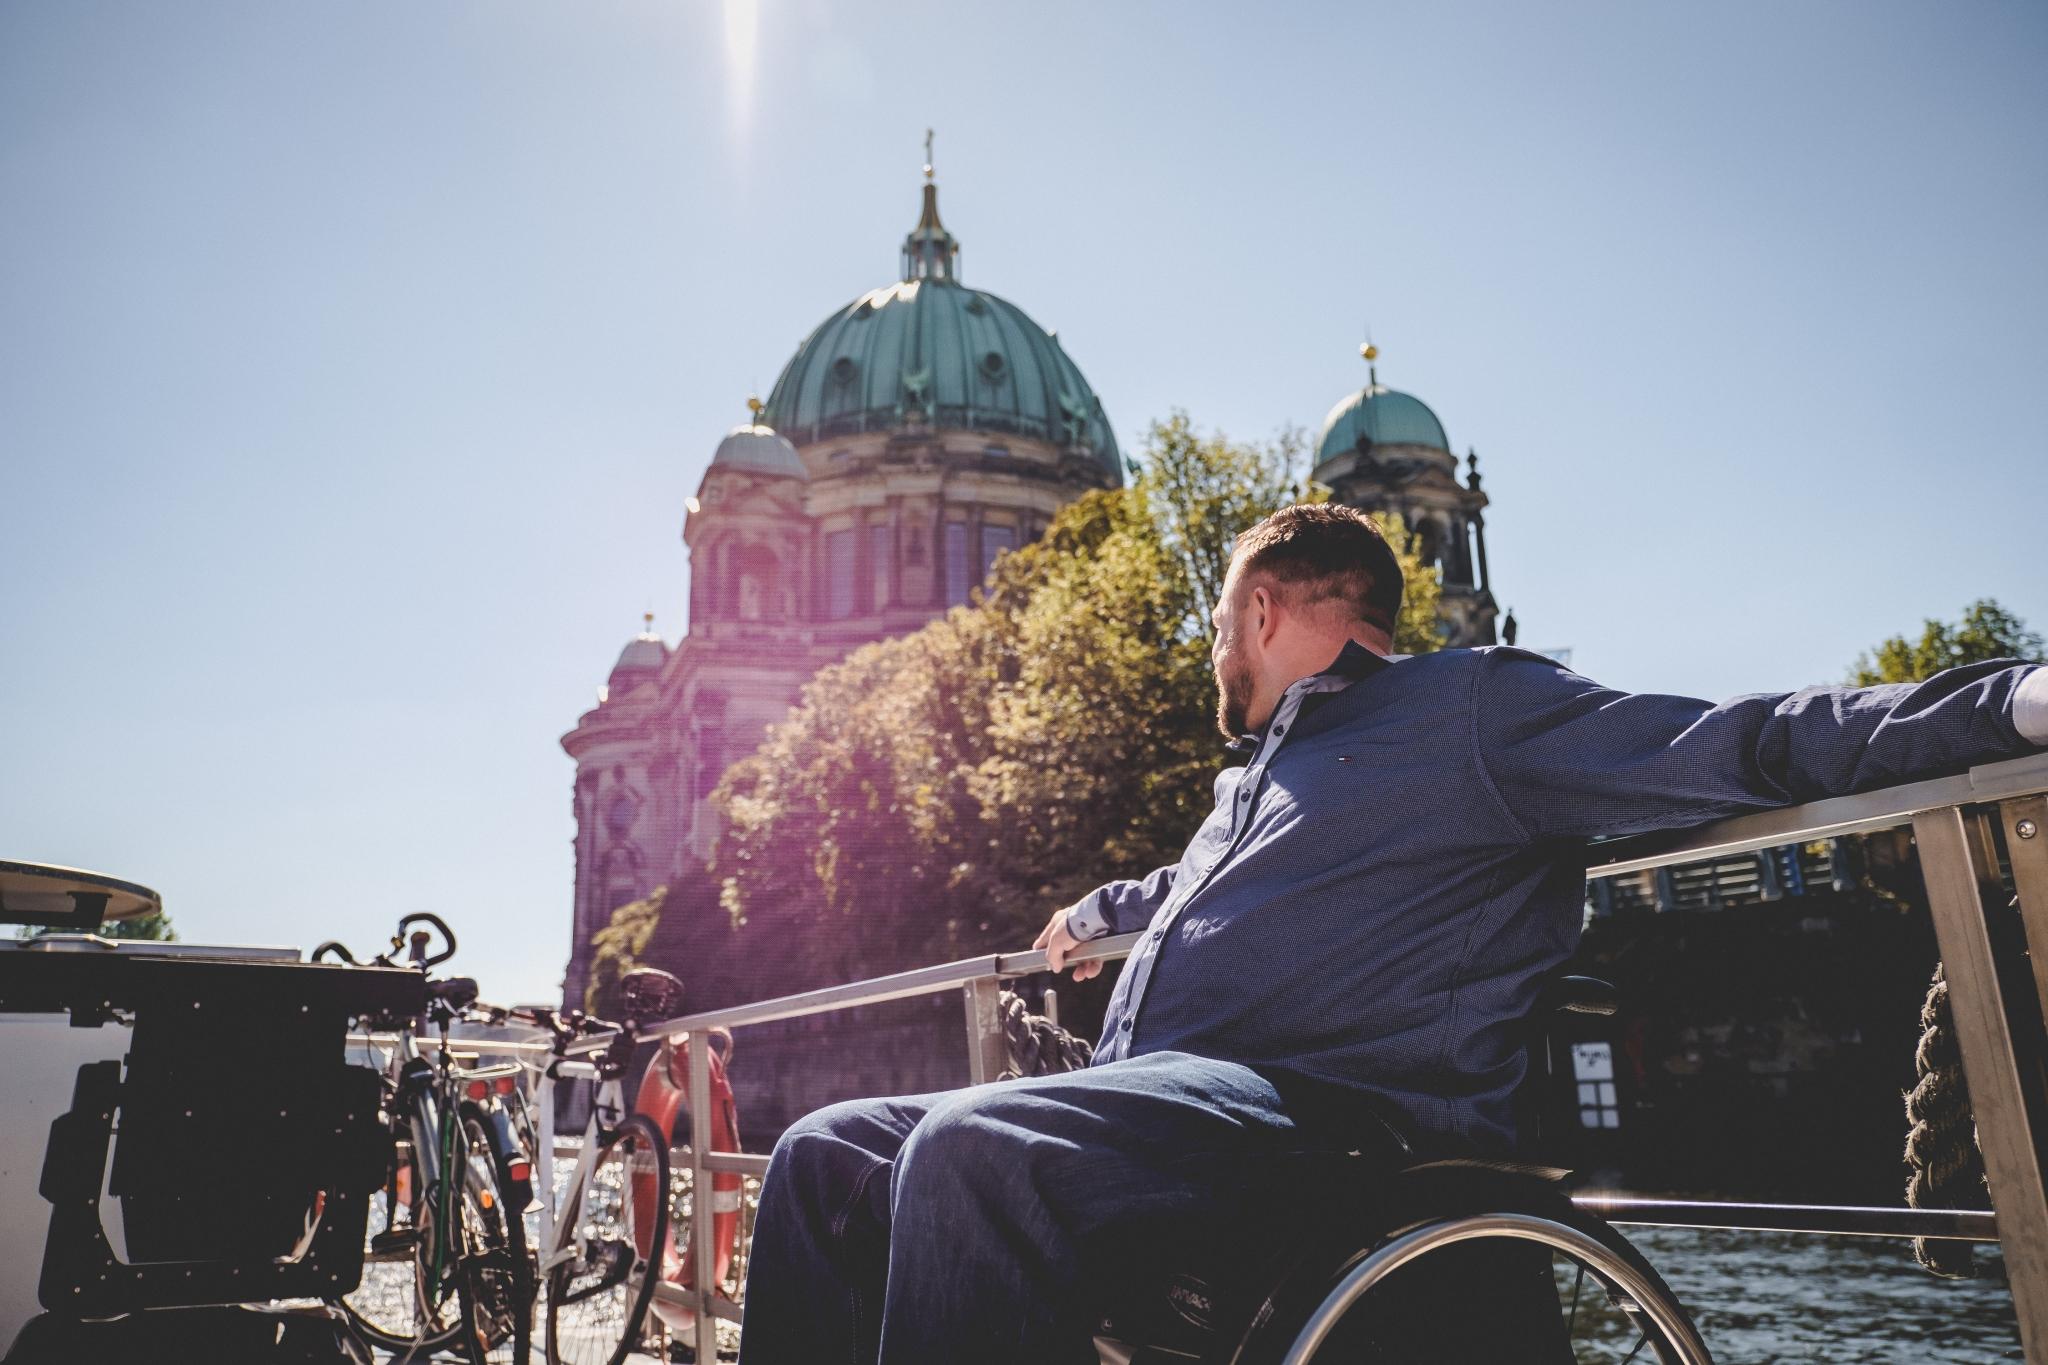 Ein Mann im Rollstuhl sitzt in der Sonne und schaut hinter sich über die Spree auf den Berliner Dom.